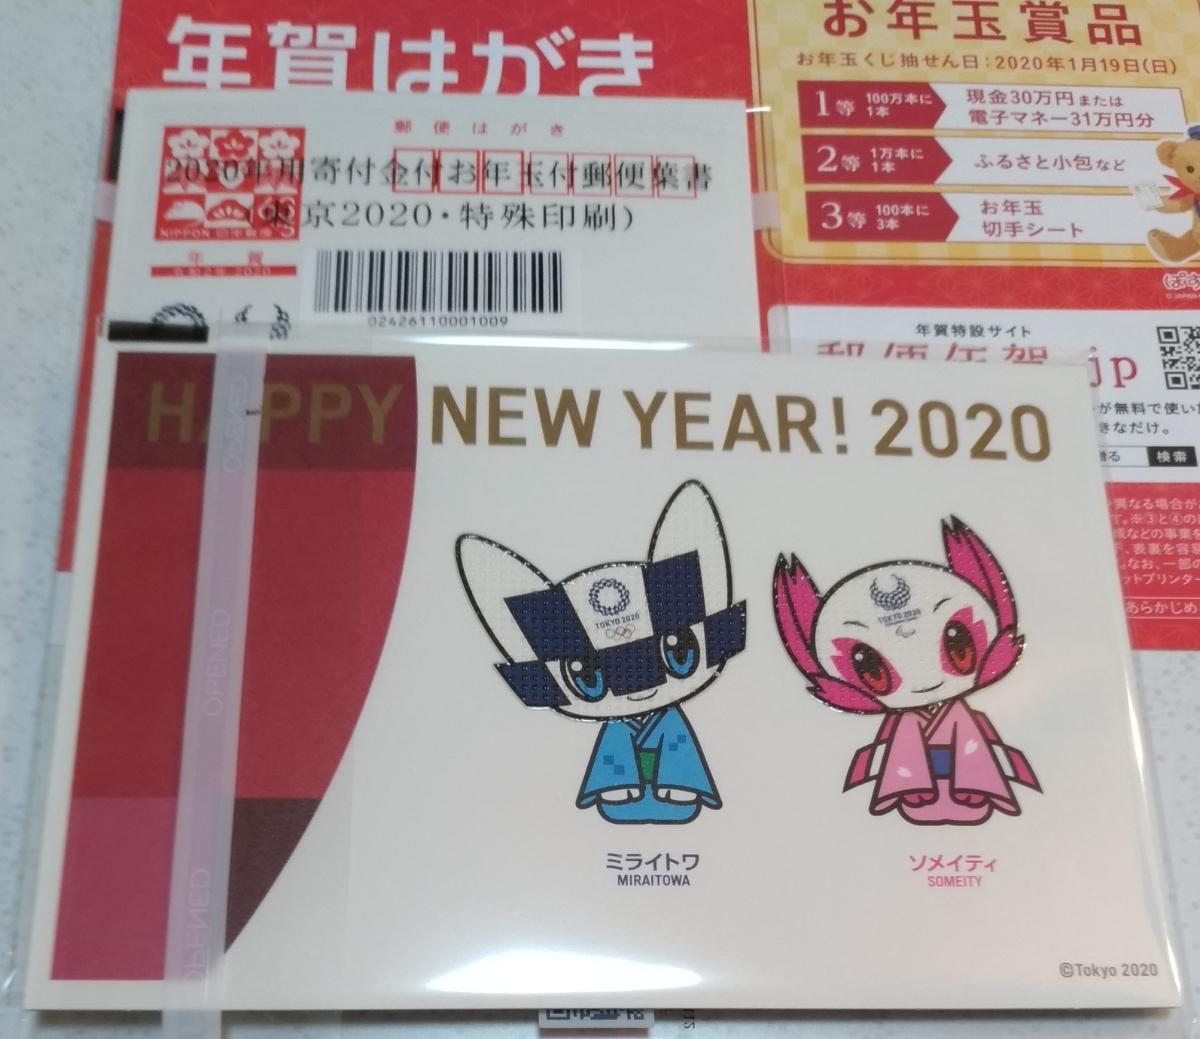 【限定】年賀はがき③ 2020 東京オリンピック ミライトワ ソメイテイ10枚 限定100万枚 お年玉付葉書 特殊印刷 新品、未開封品。